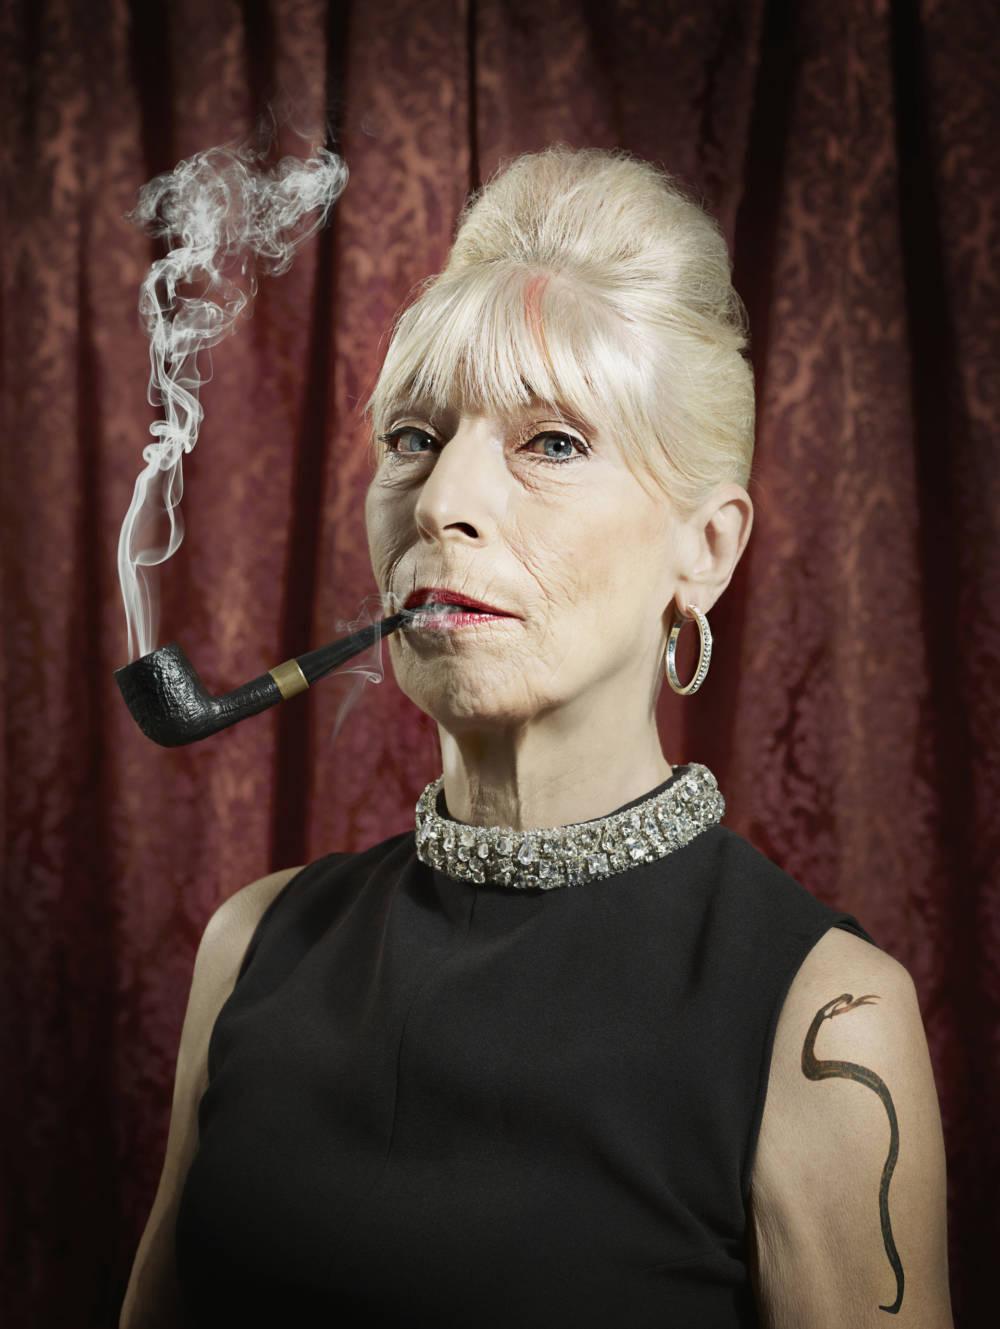 Eine rauchende ältere Dame, mit einer tätowierten Schlange auf der Schulter